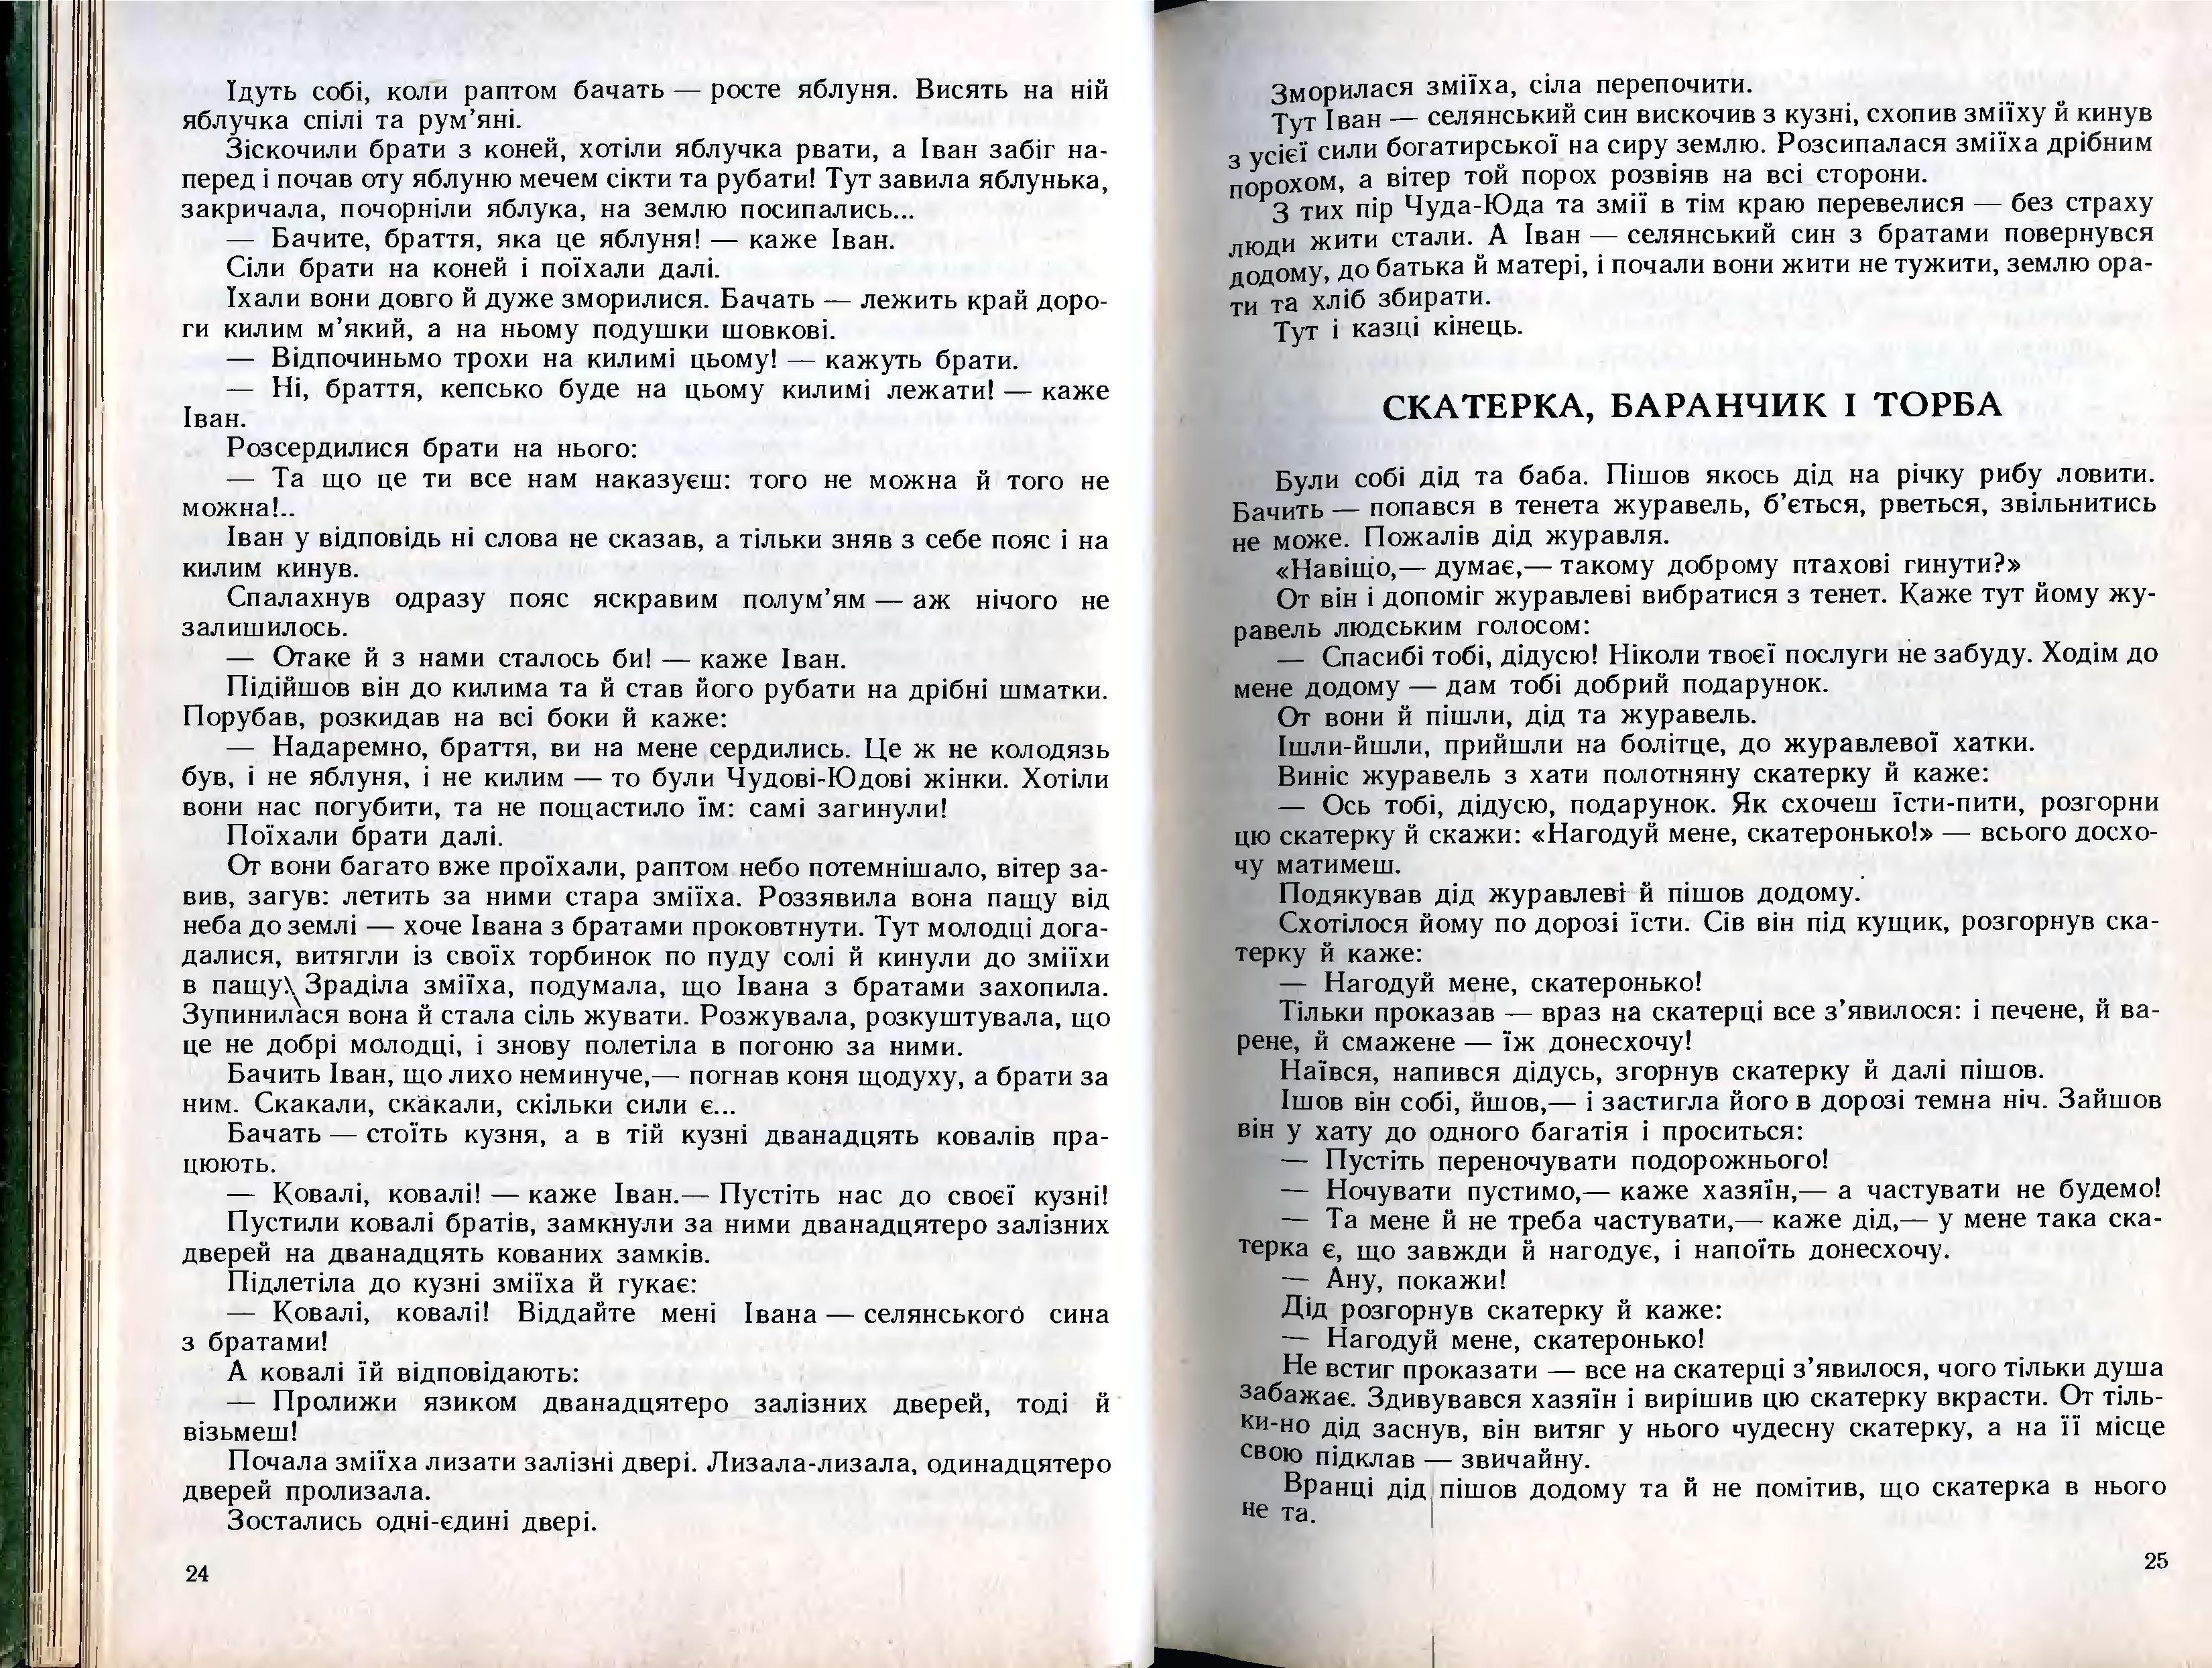 Казки народів СРСР (1987) 3.jpg